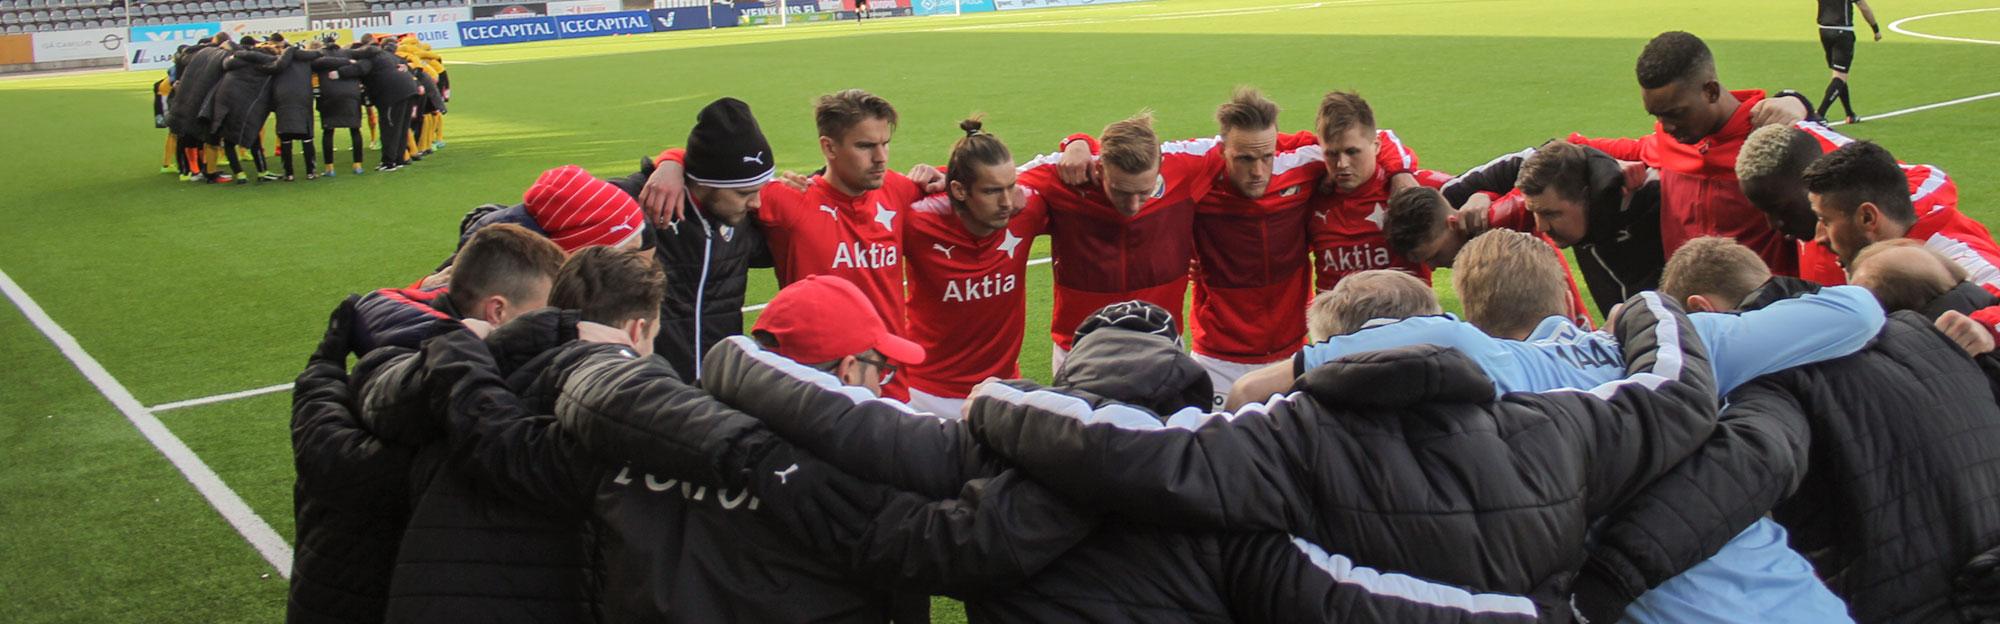 HIFK:n johtoasema suli ottelun lopussa <br> &#8211; IFK:lle kauden toinen tappio